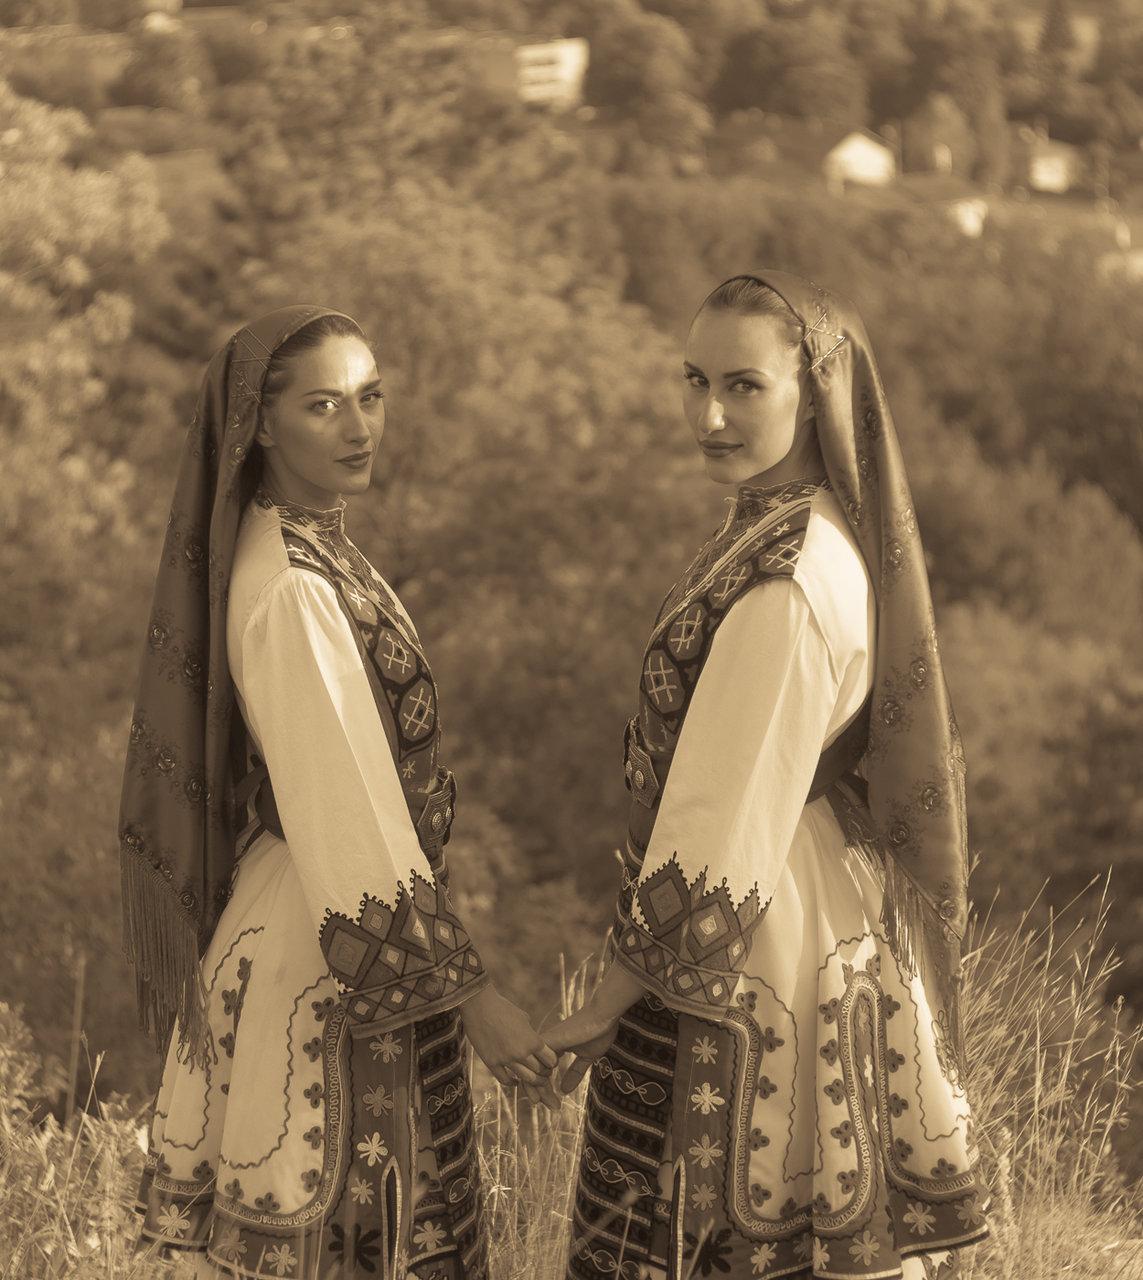 Photo in Portrait | Author doykov.biser | PHOTO FORUM